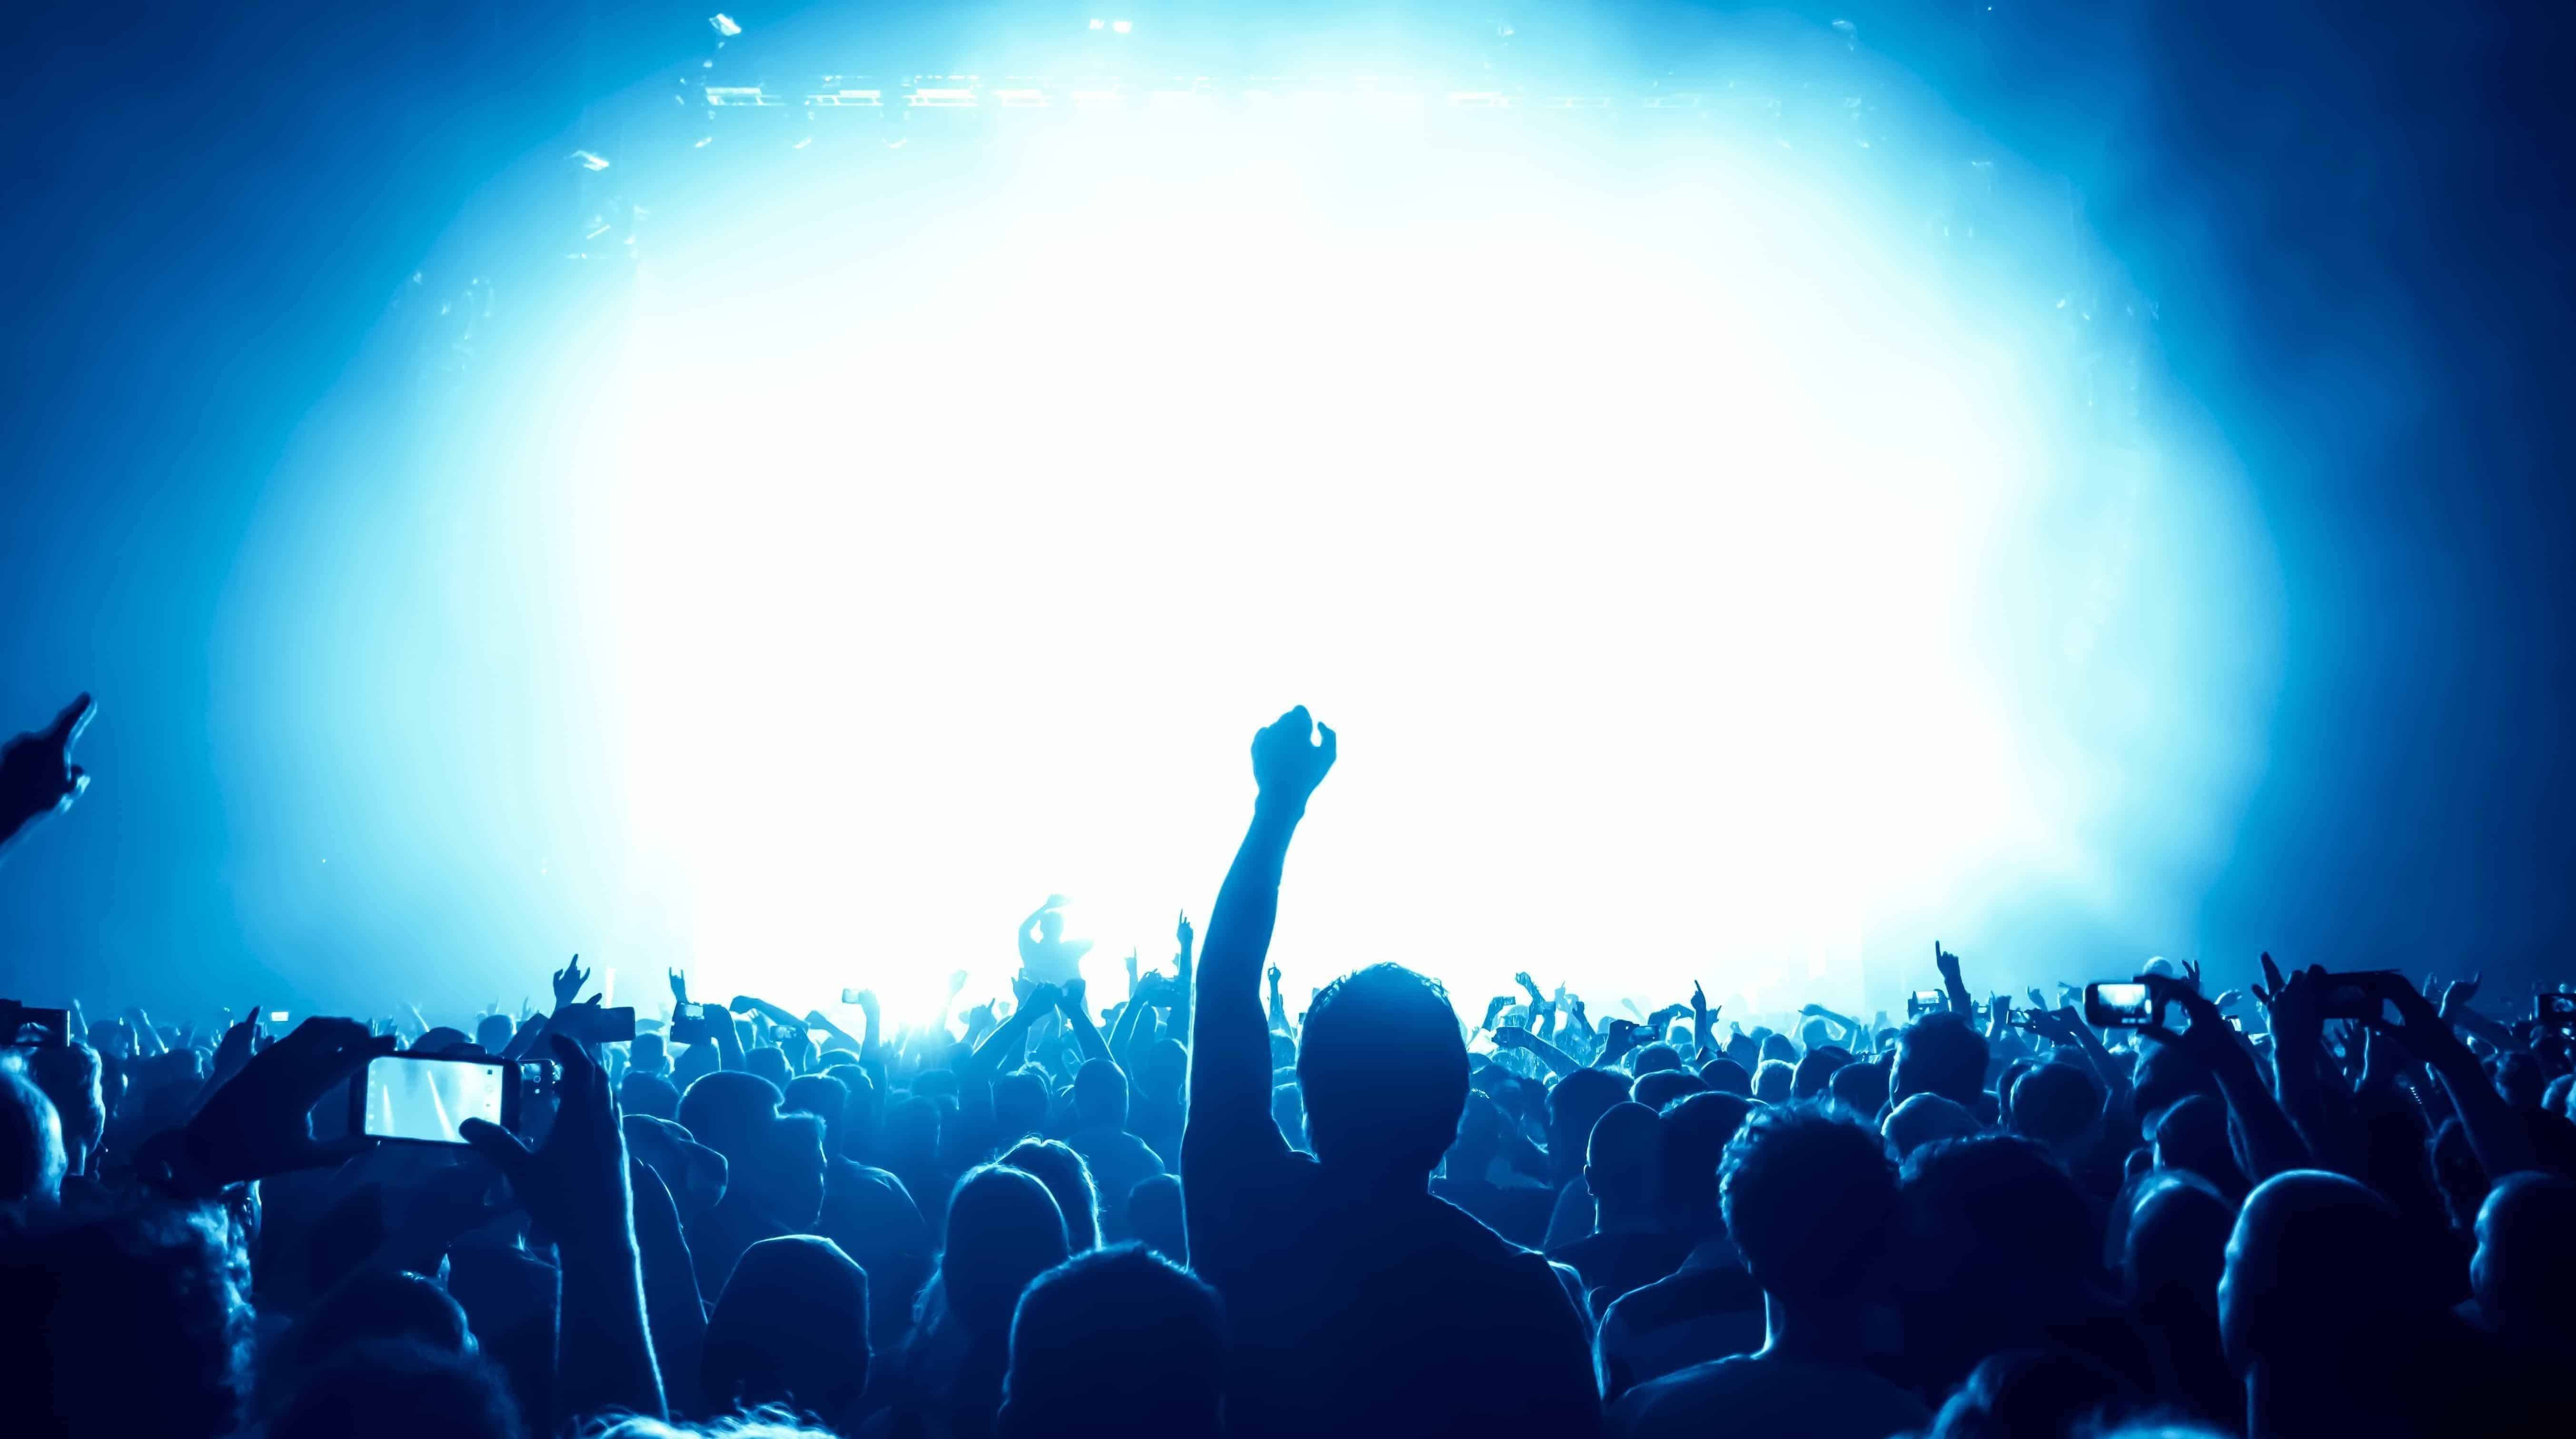 Wenn die Menschenmenge zum Problem wird | Hypnose kann Dir helfen